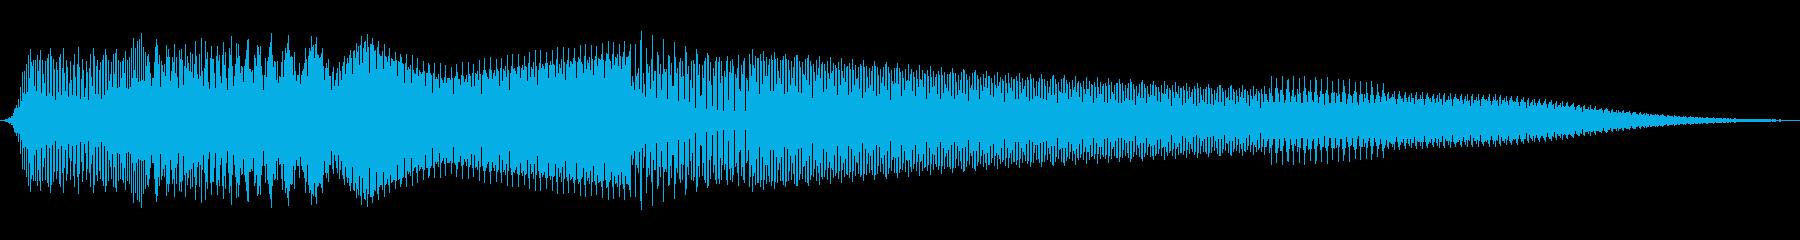 ボタン押下や決定音_ピロリン!の再生済みの波形